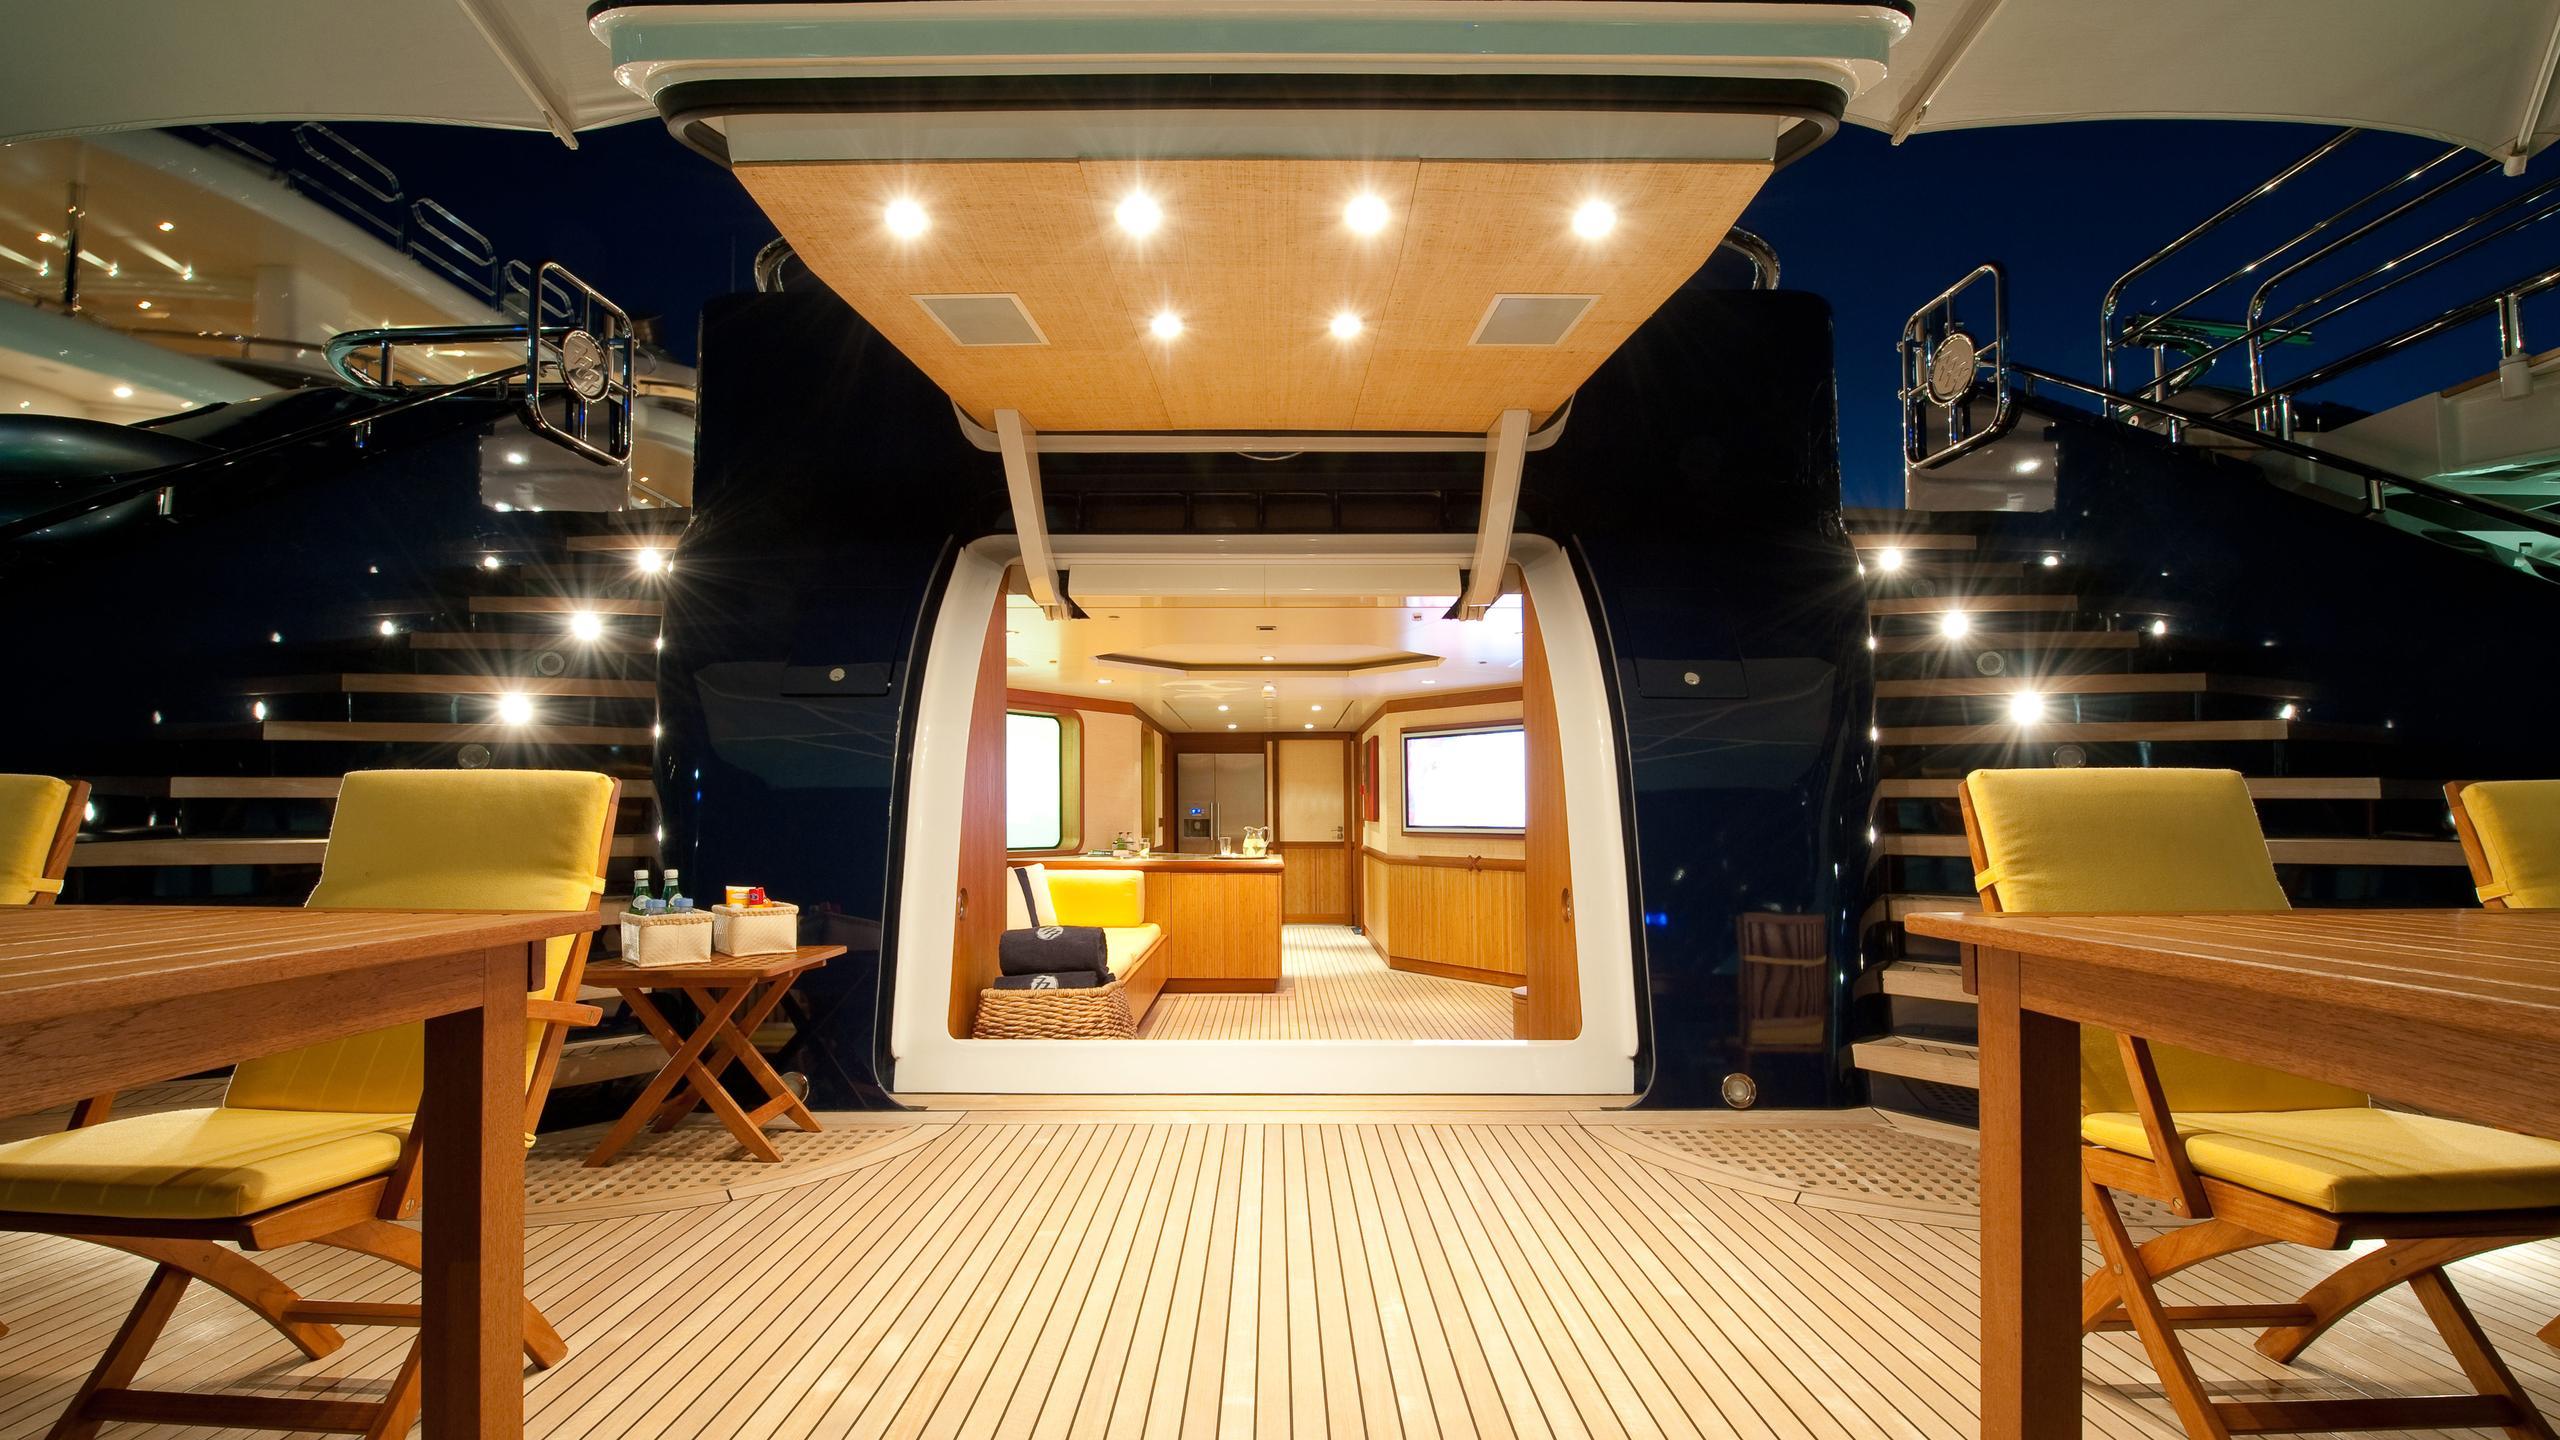 triple-seven-motor-yacht-nobiskrug-2006-68m-covered-deck